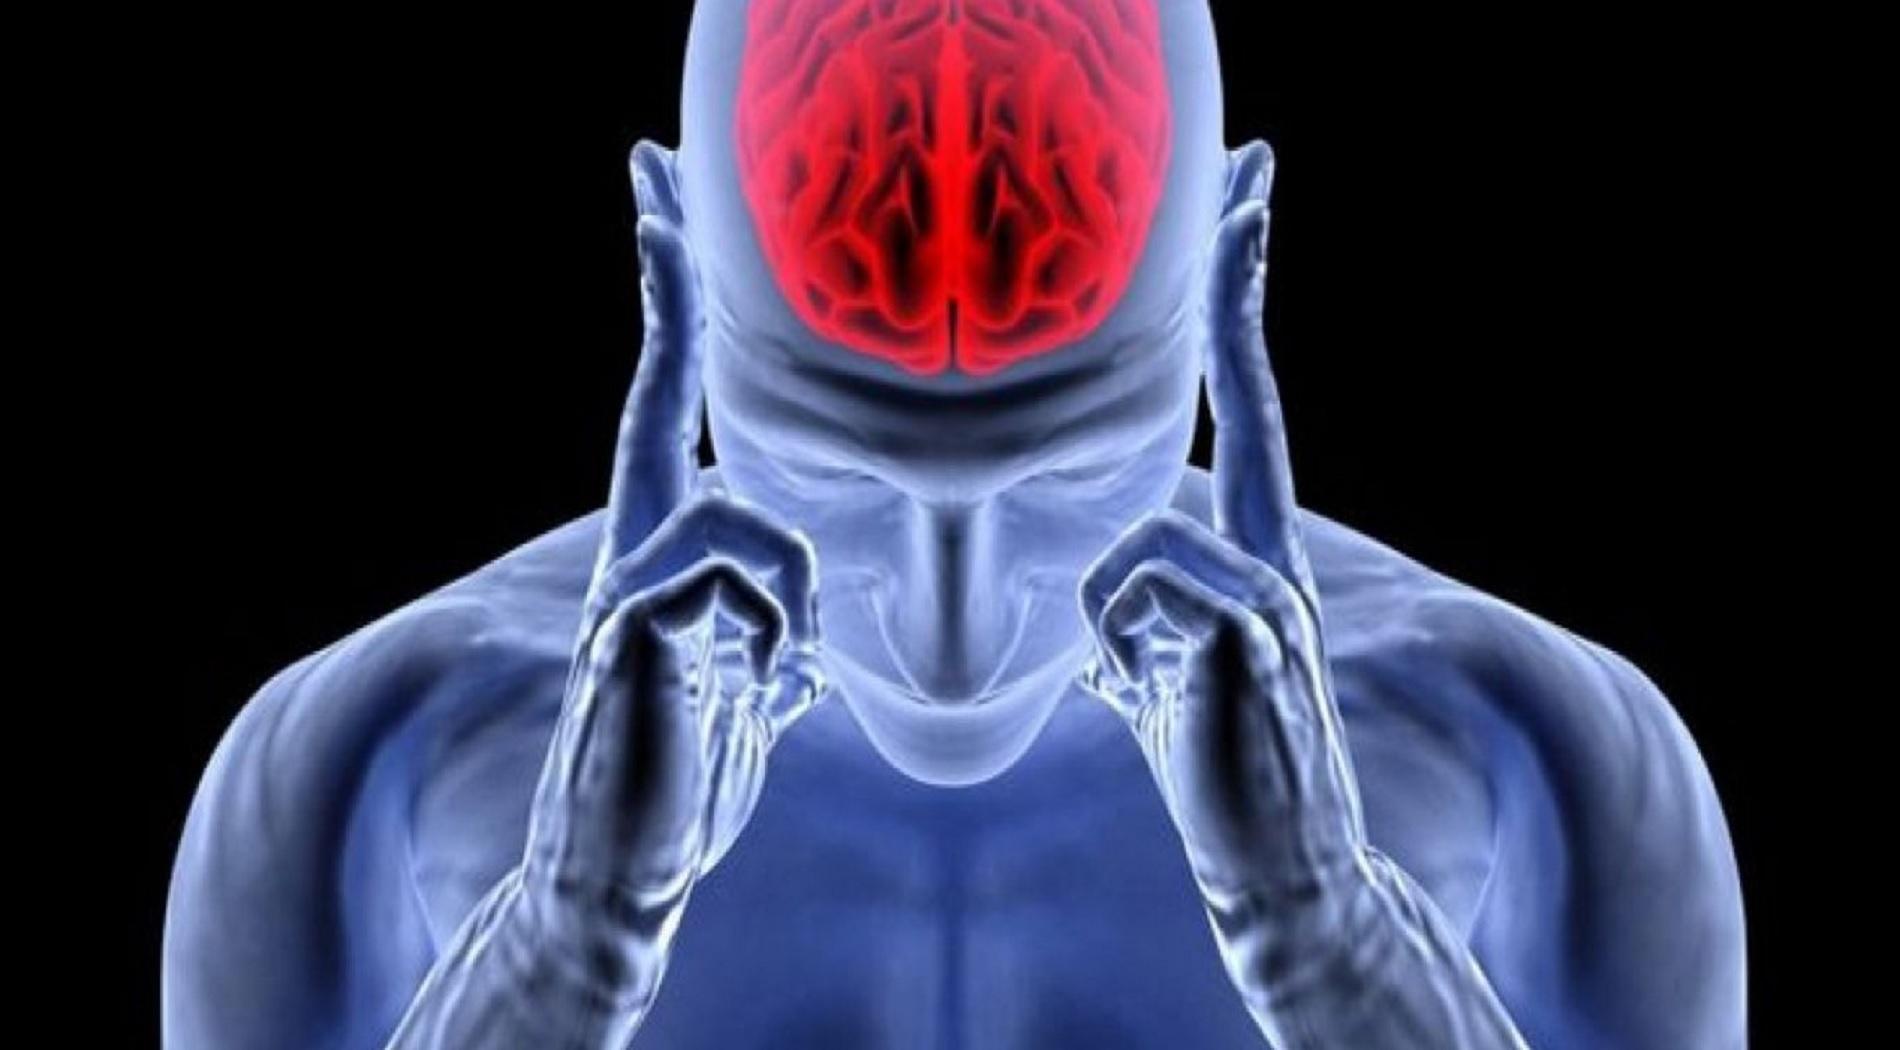 Συσχετισμός περιοδοντίτιδας και εγκεφαλικού επεισοδίου με απόφραξη μεγάλης αρτηρίας